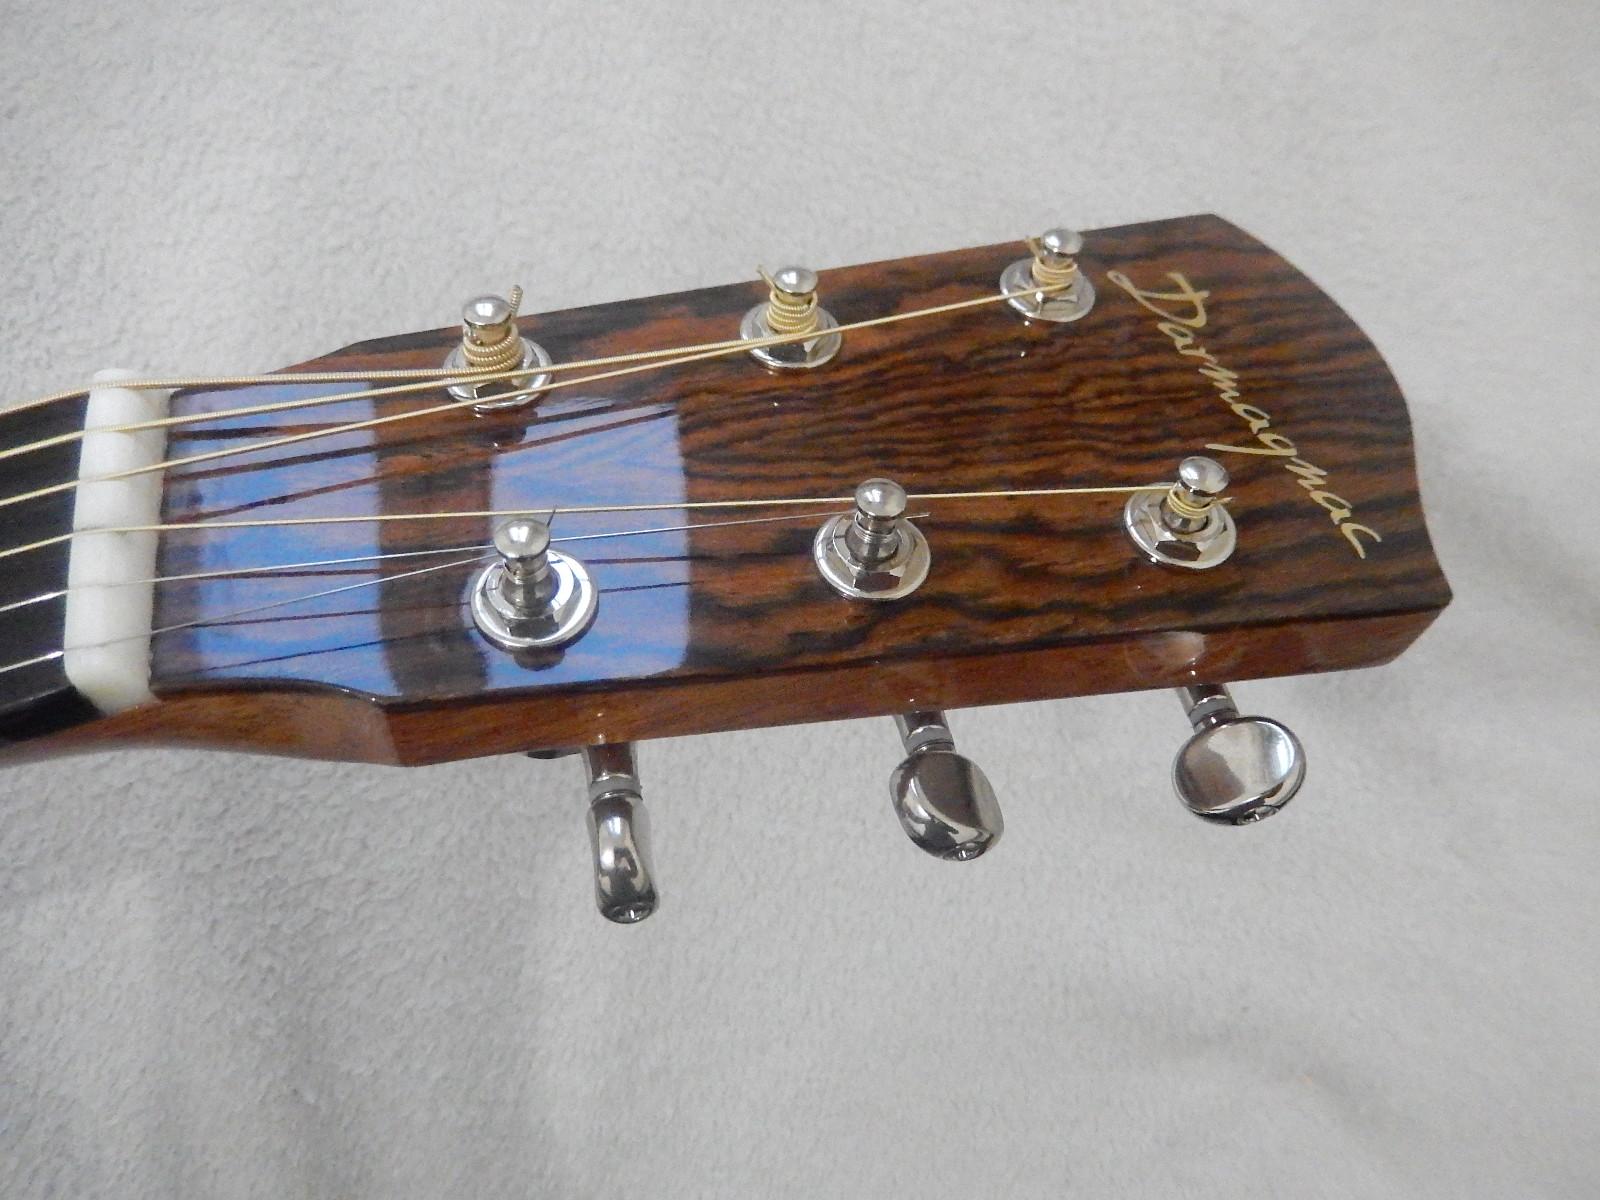 projet guitare Darmagnac en cours!! - Page 4 160229080643622181